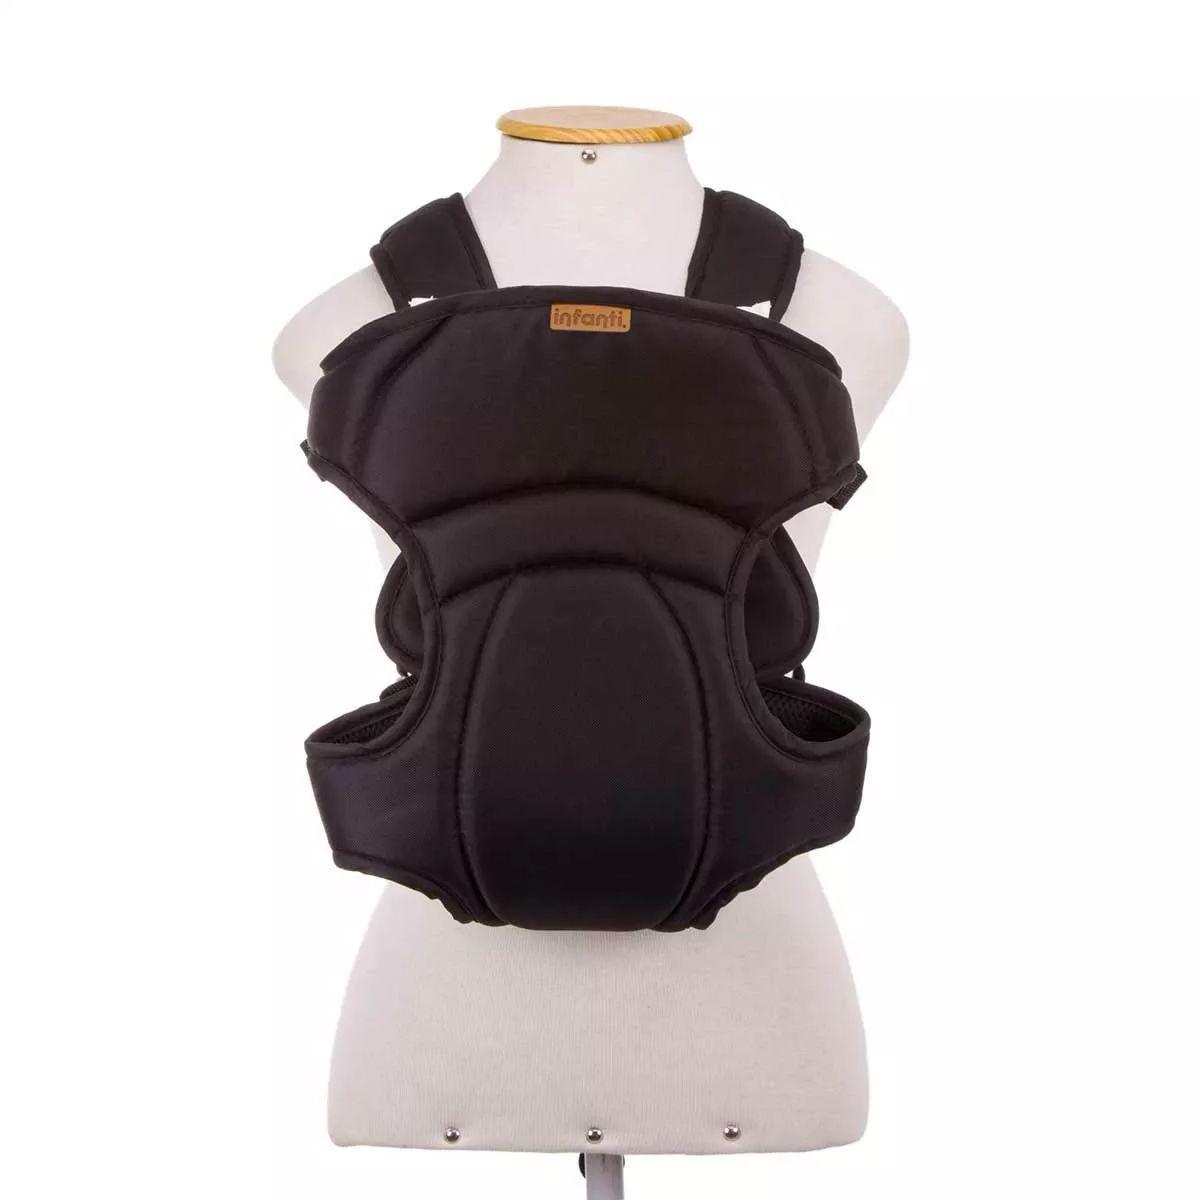 Canguru I Love Travel - Black - de 3,5 a 15 kg - Infanti